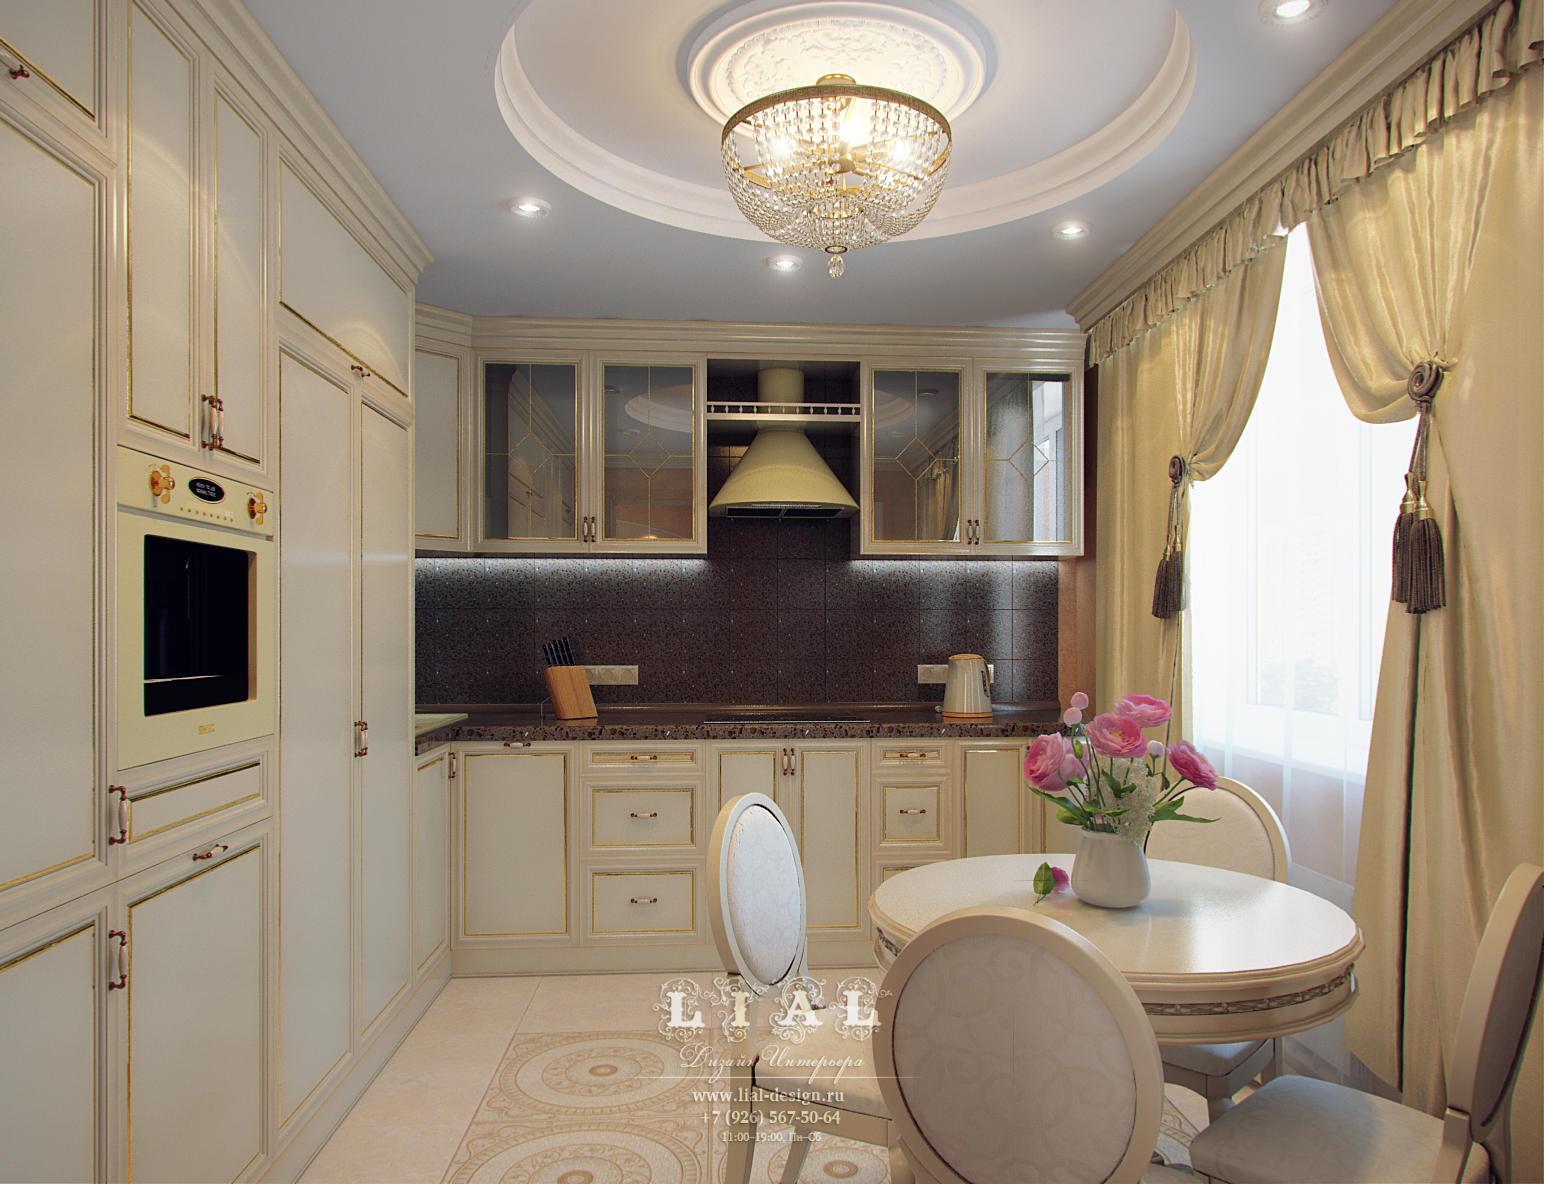 Дизайн интерьера светлой кухни: фото 2016